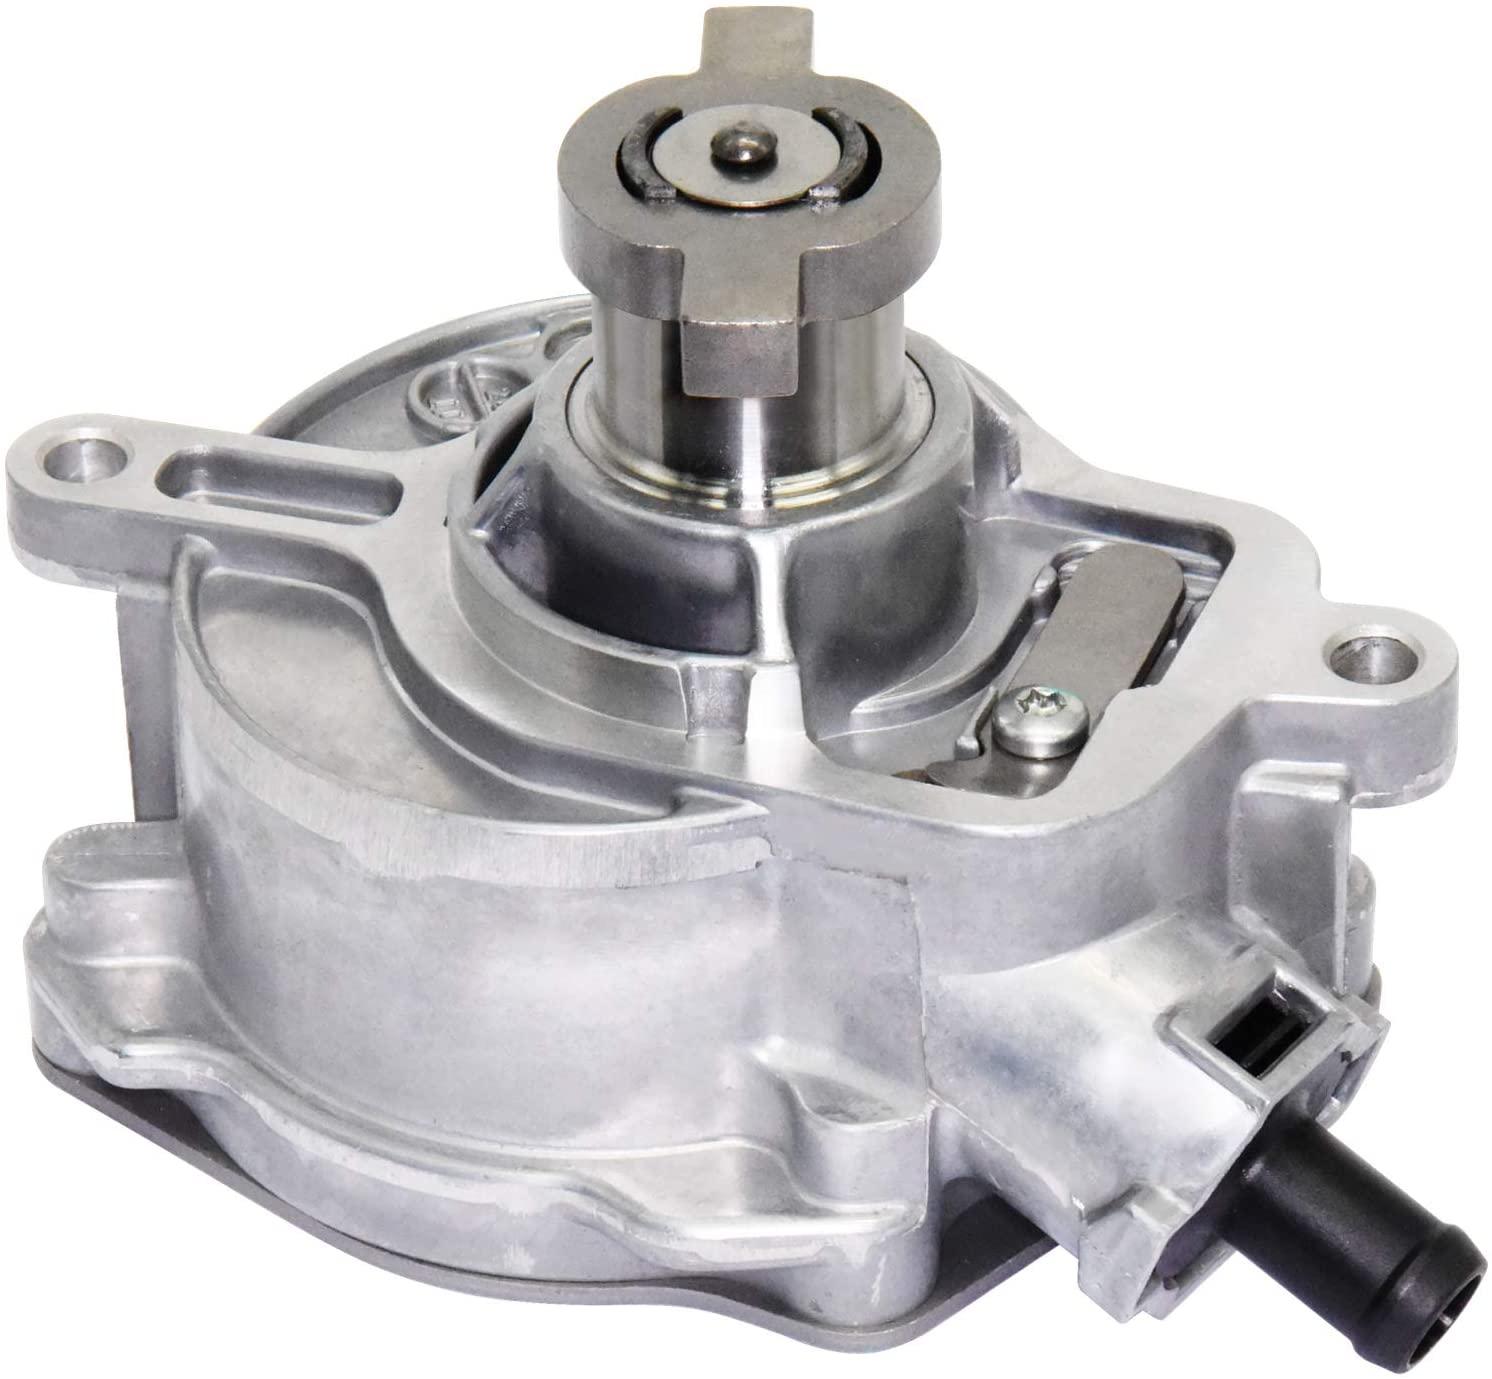 HQP AUTO PARTS Part# 07K145100C Vacuum Pump for TT Volkswagen Beetle Golf Jetta Passat Rabbit - Replace Part Number 904-817